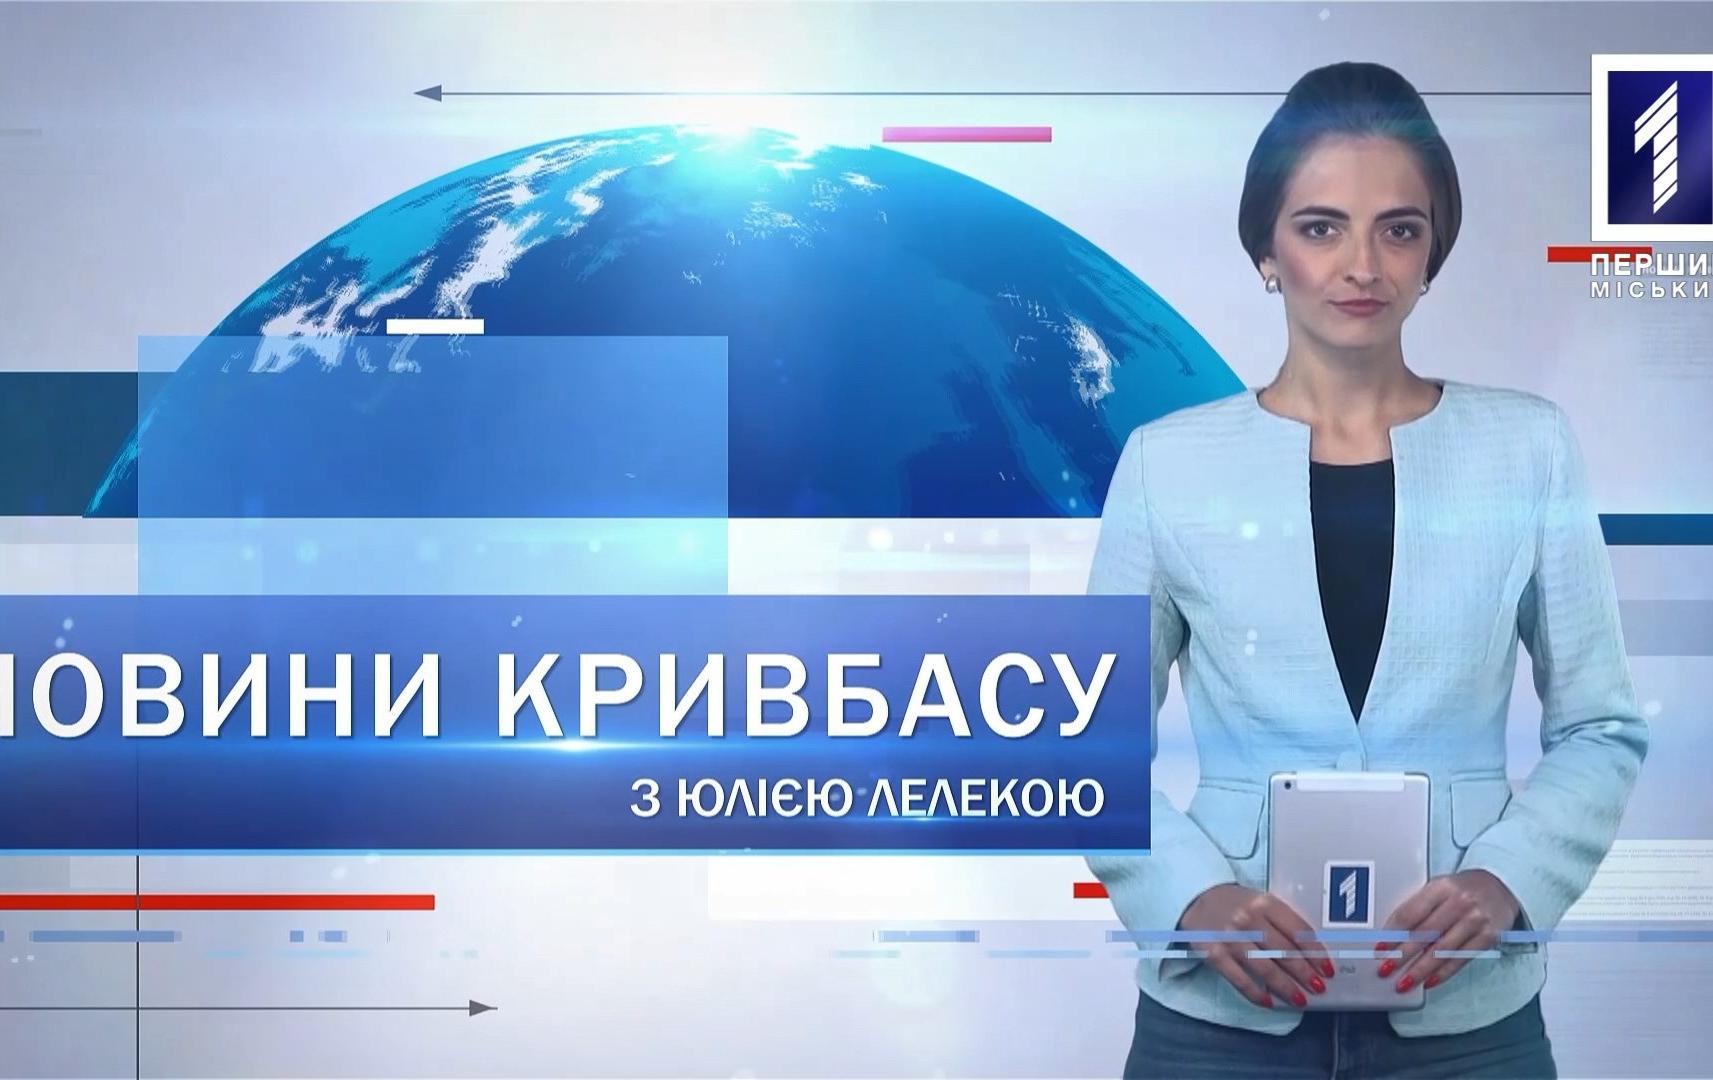 Новости Кривбасса 24 сентября: реконструкция на Эдуарда Фукса, Госэкоинспекция, отопительный сезон